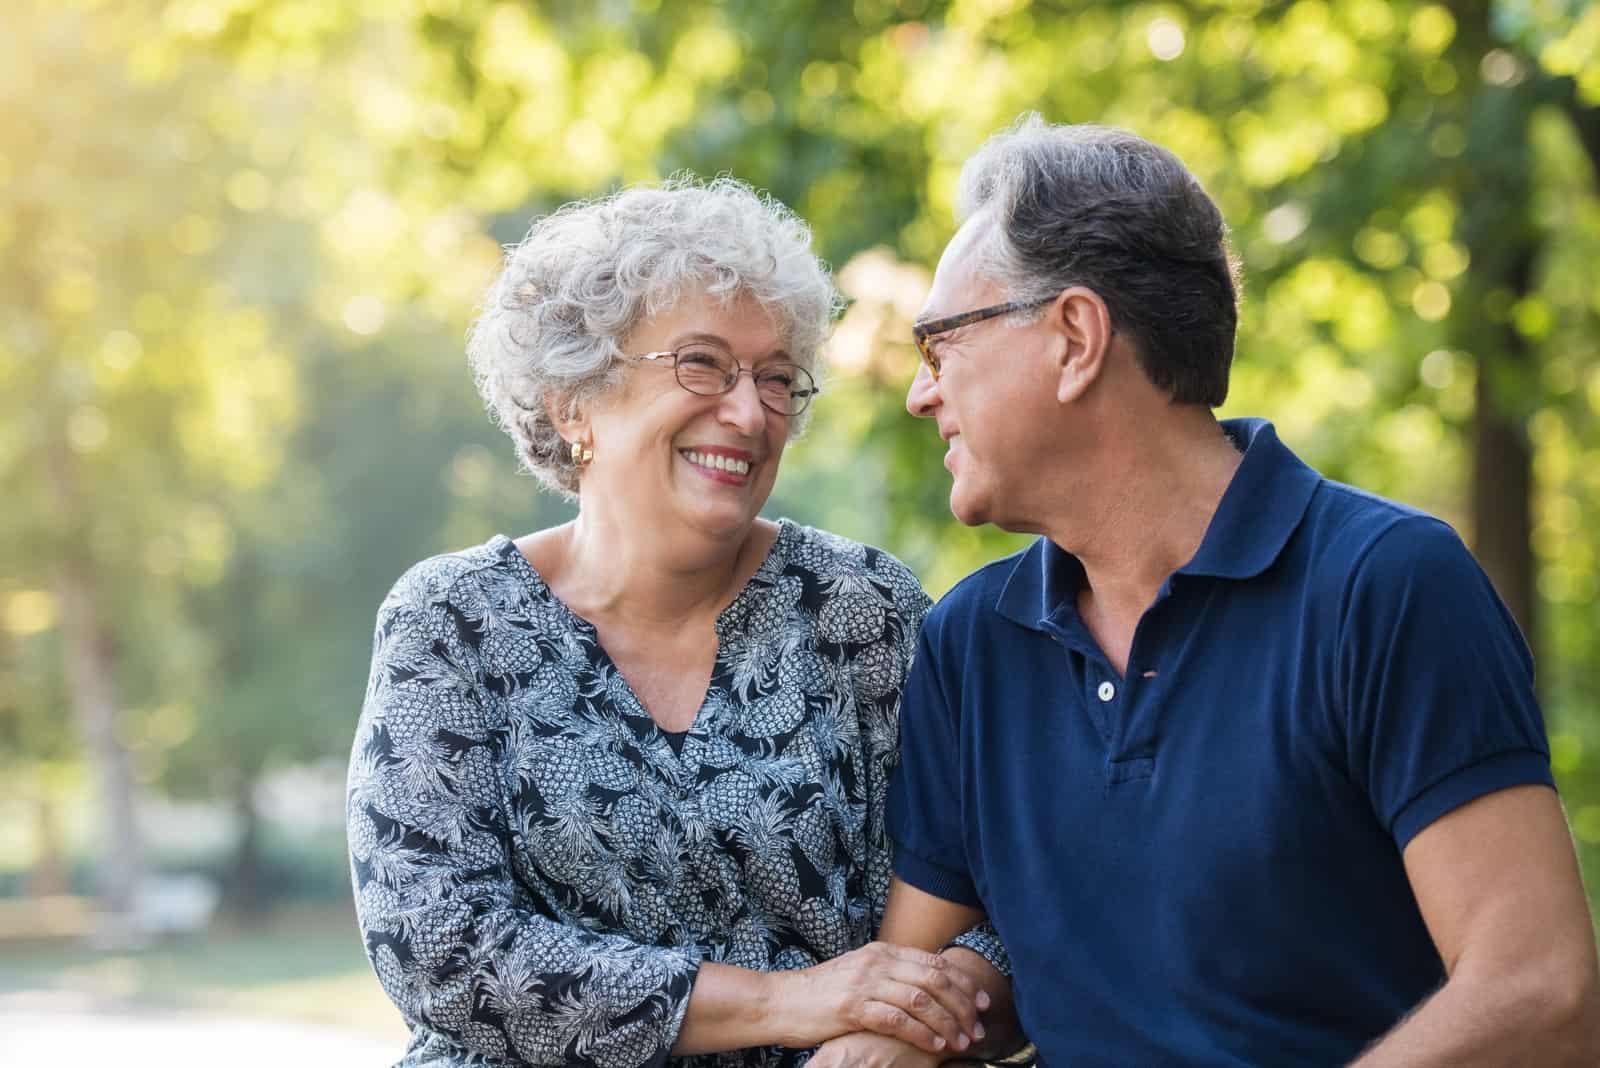 Porträt eines älteren Paares, das lächelt und einander im Park betrachtet.